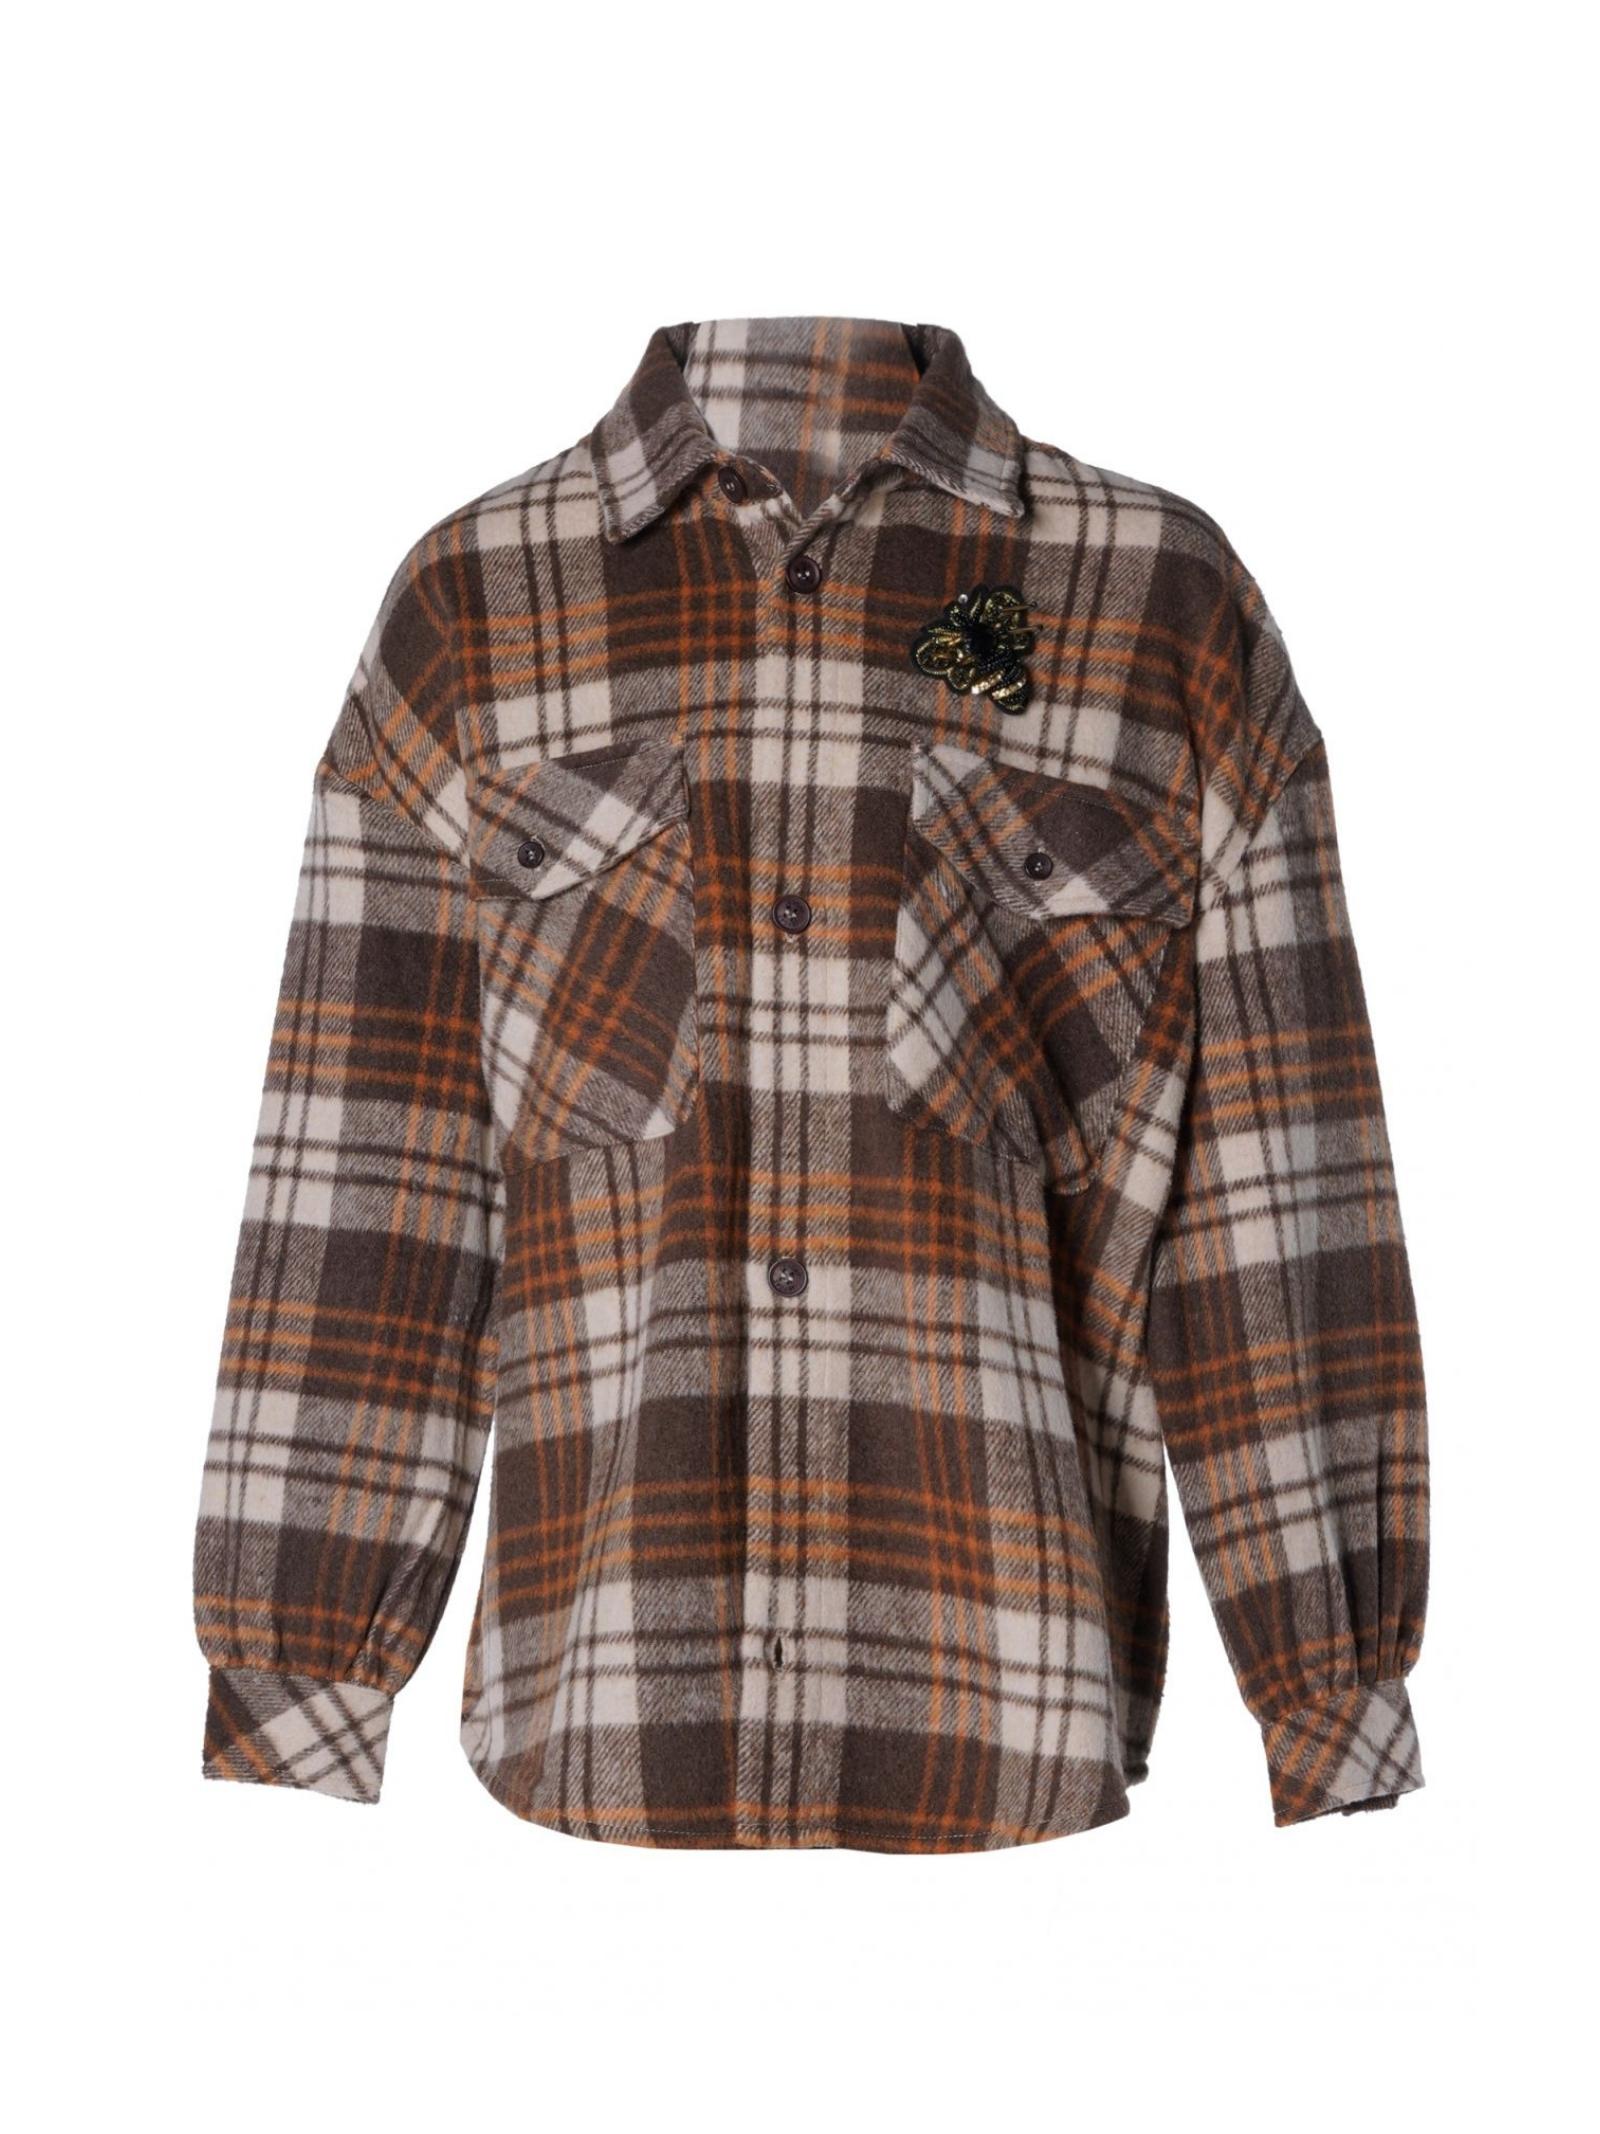 Maxi Camicia Righe Bambina FUN&FUN | Camicie | FCJJK9449MULTICOLOR